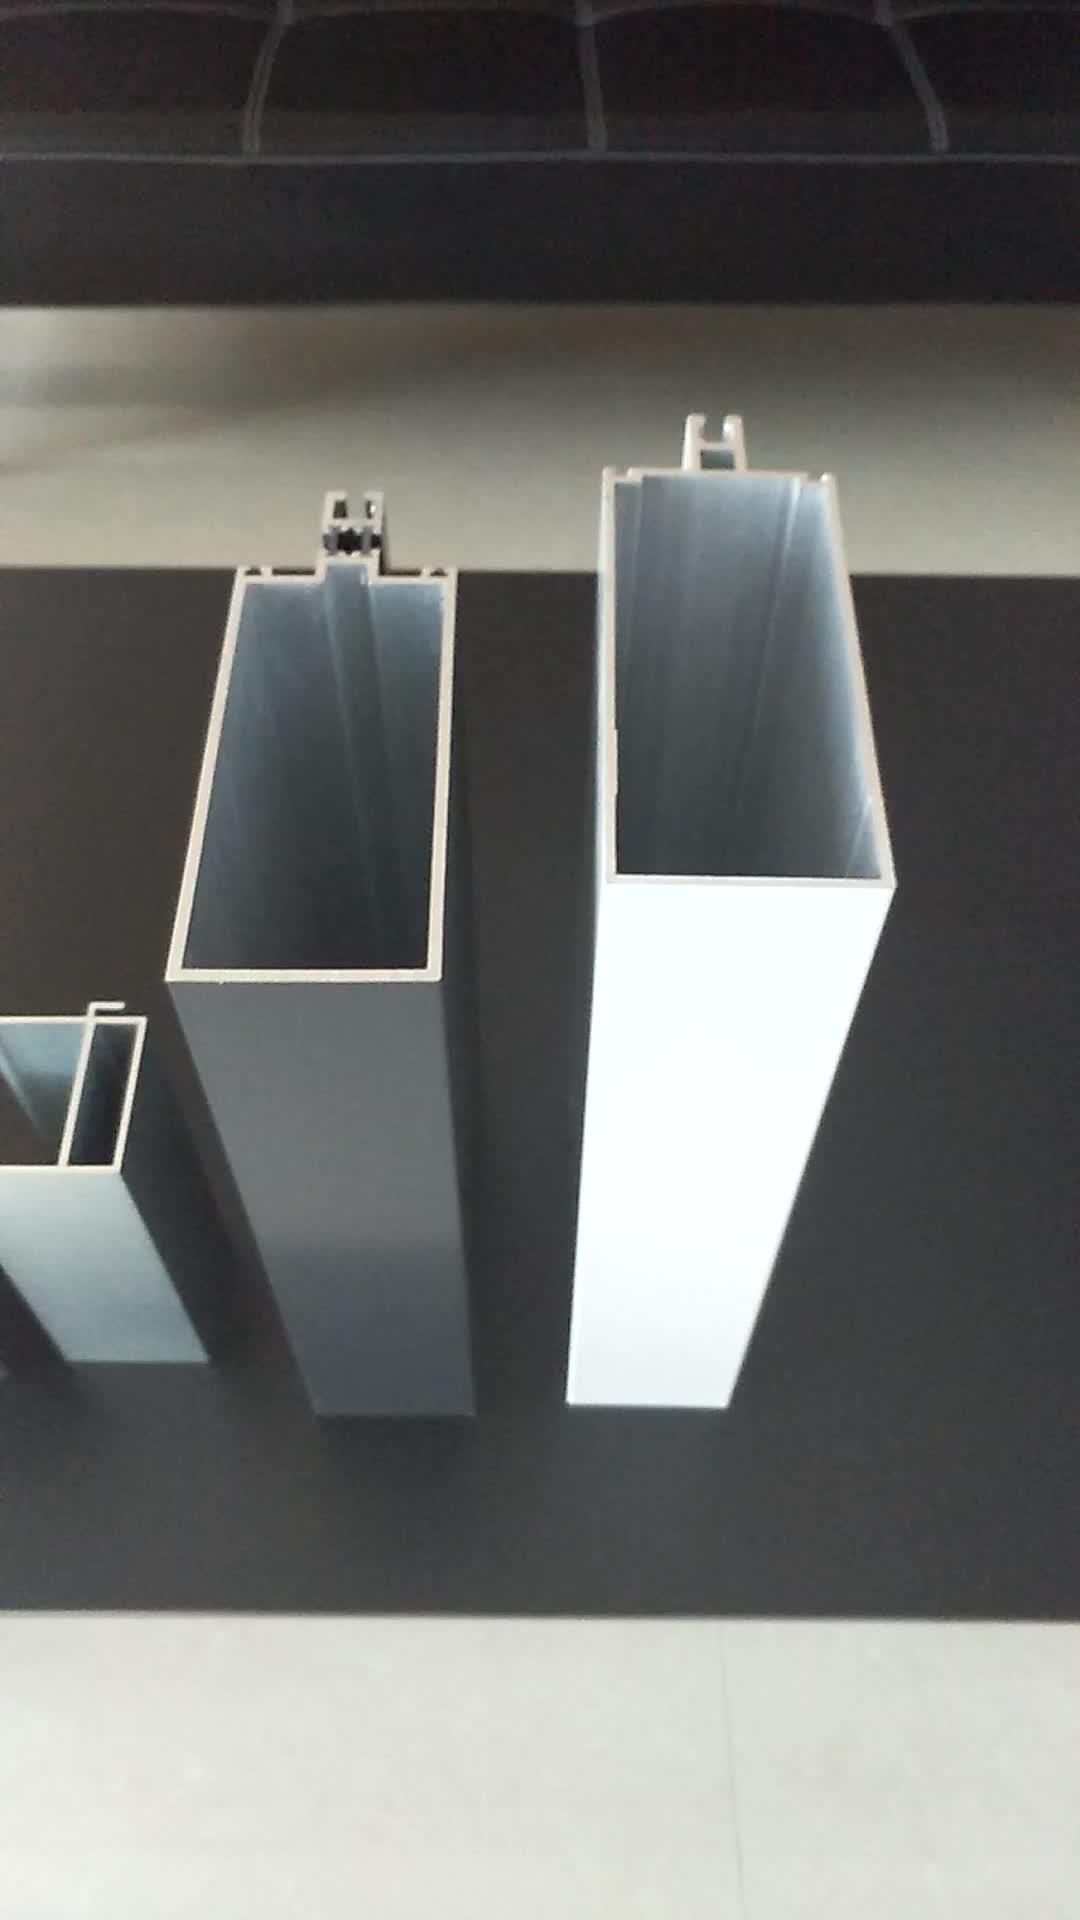 Perfil de aluminio para muros cortina buy perfil de for Colores de perfiles de aluminio